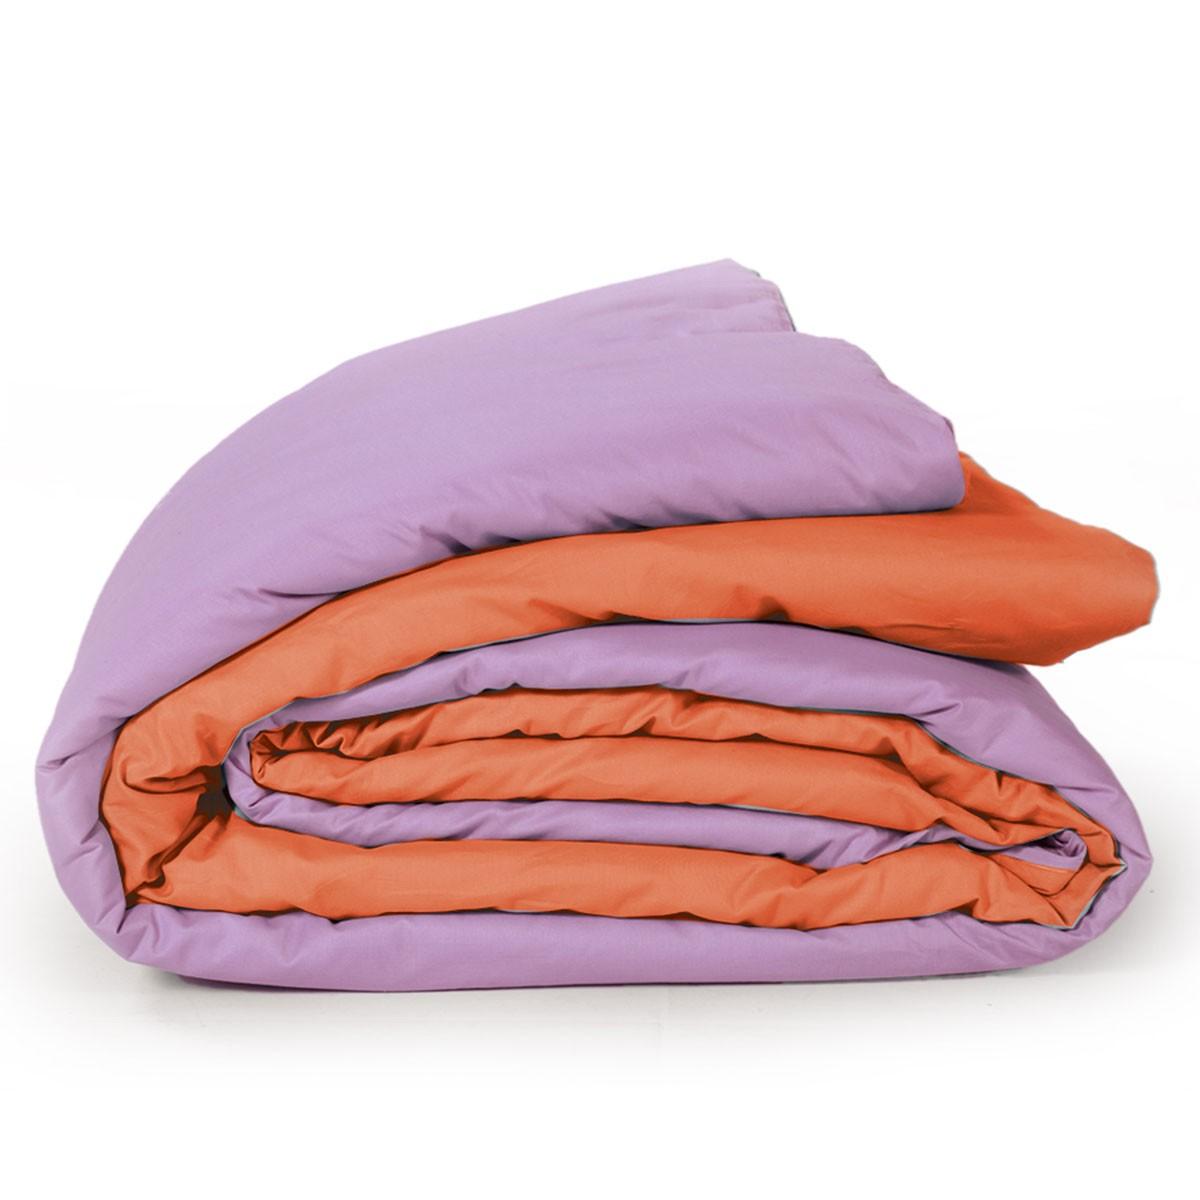 Παπλωματοθήκη Μονή 2 Όψεων Nef-Nef Bicolor Violet/Orange